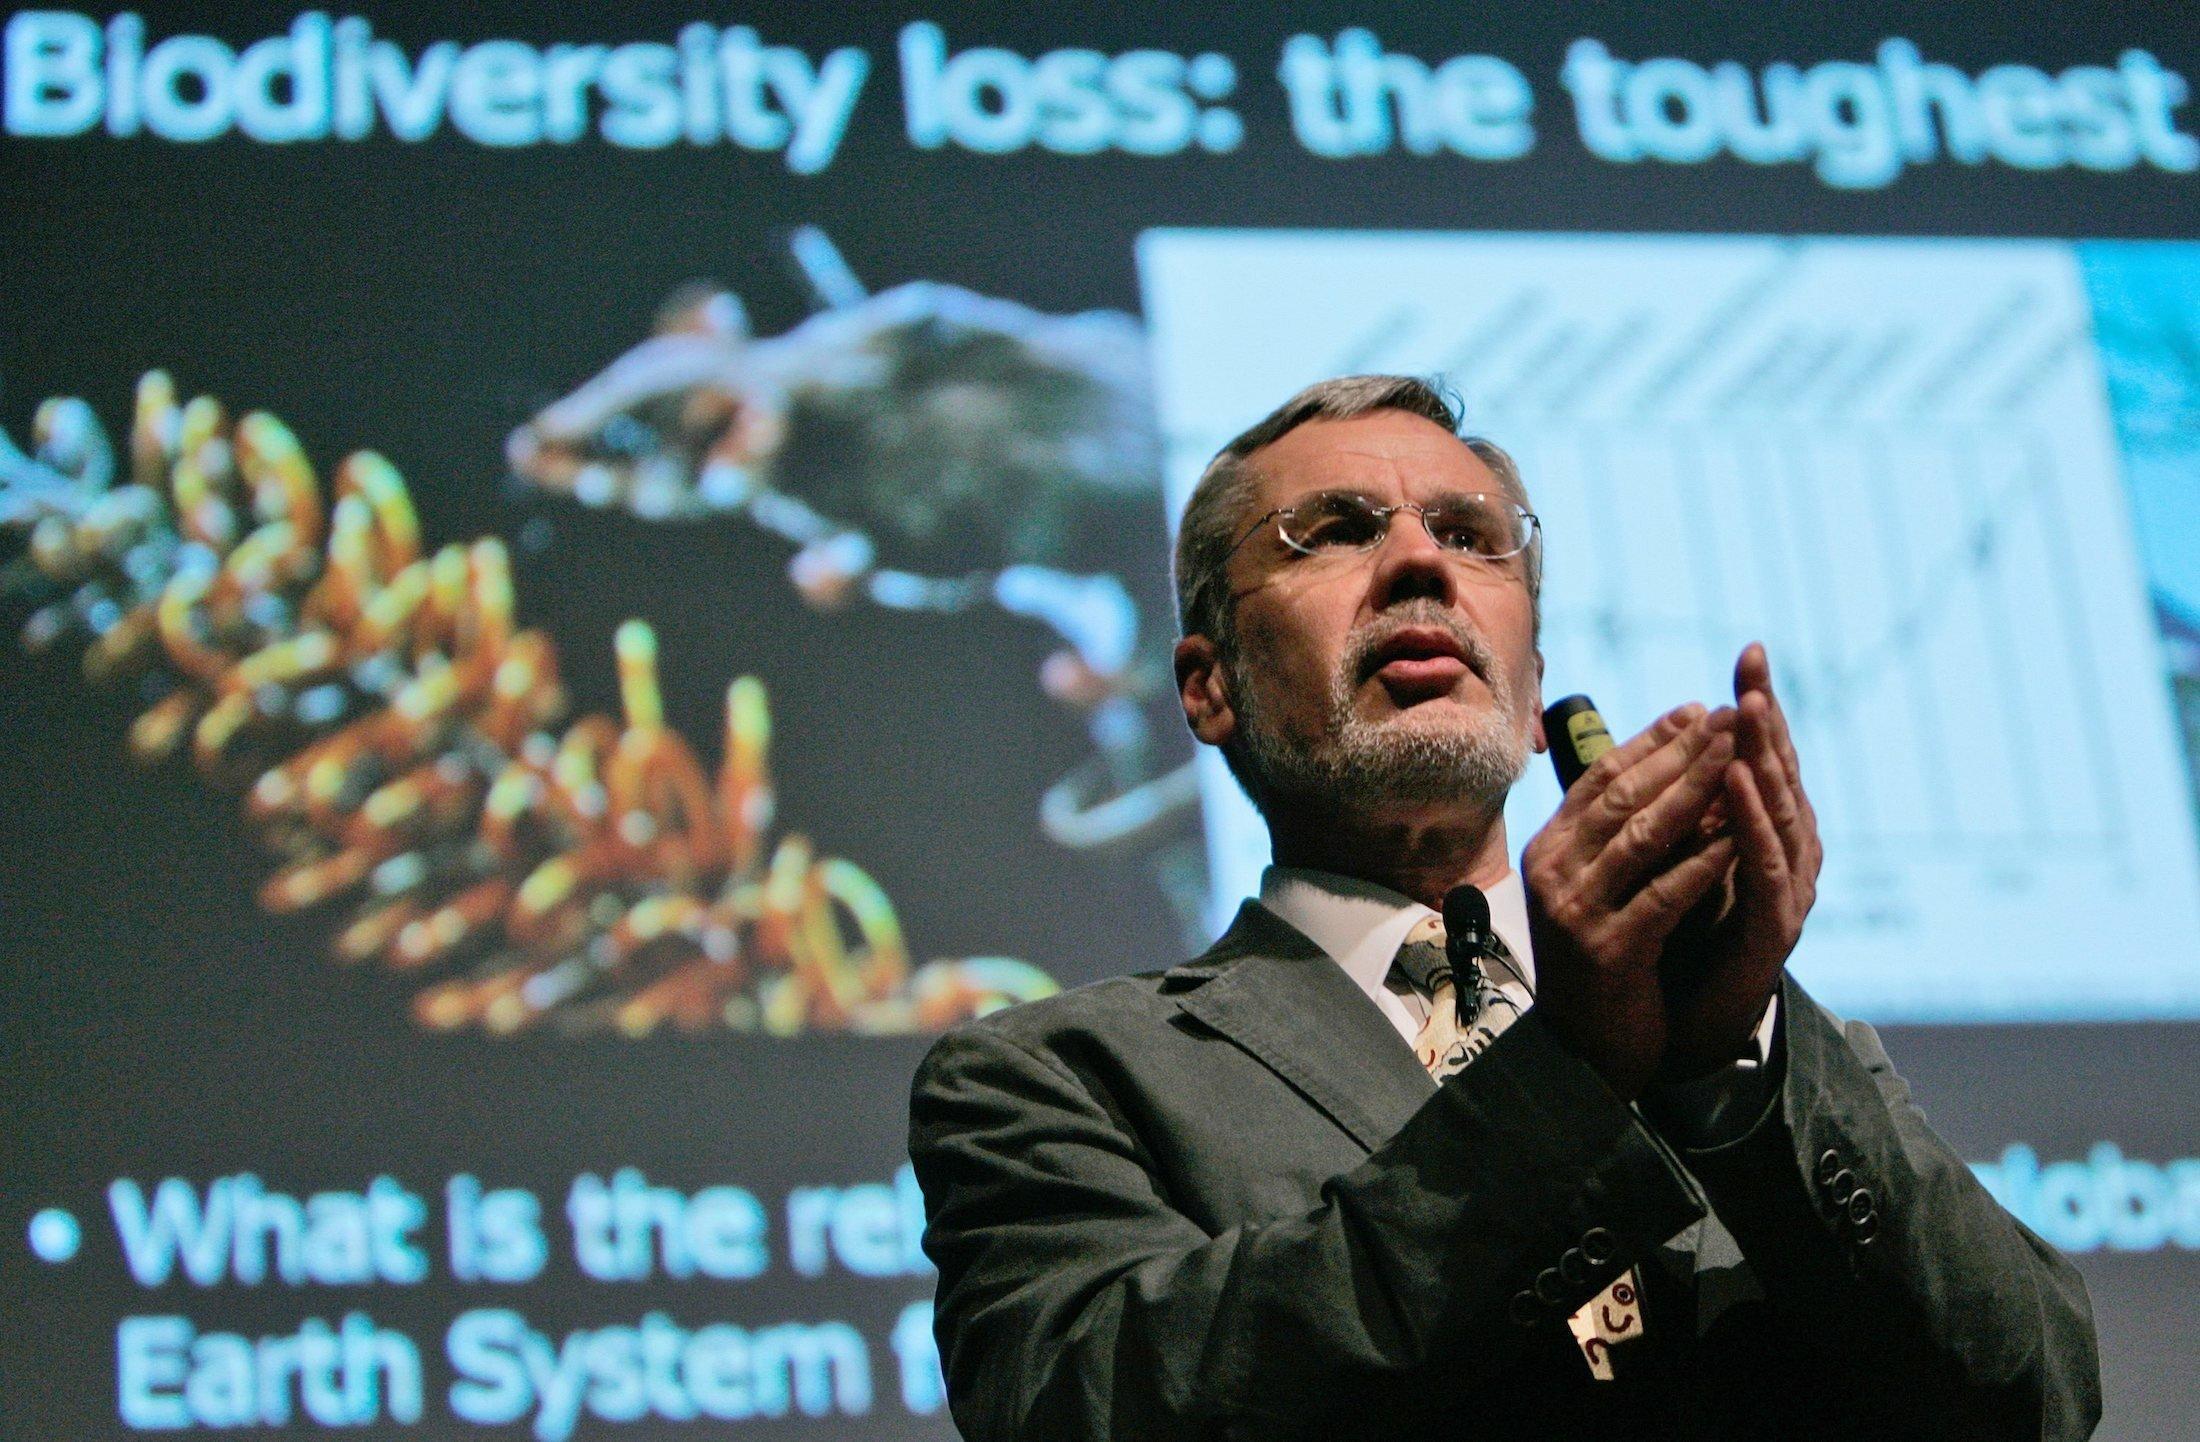 Steffen hat als Redner die Hände gefaltet. Hinter ihm ist eine projizierte Folie zu sehen, auf der das Wort Biodiversität steht.